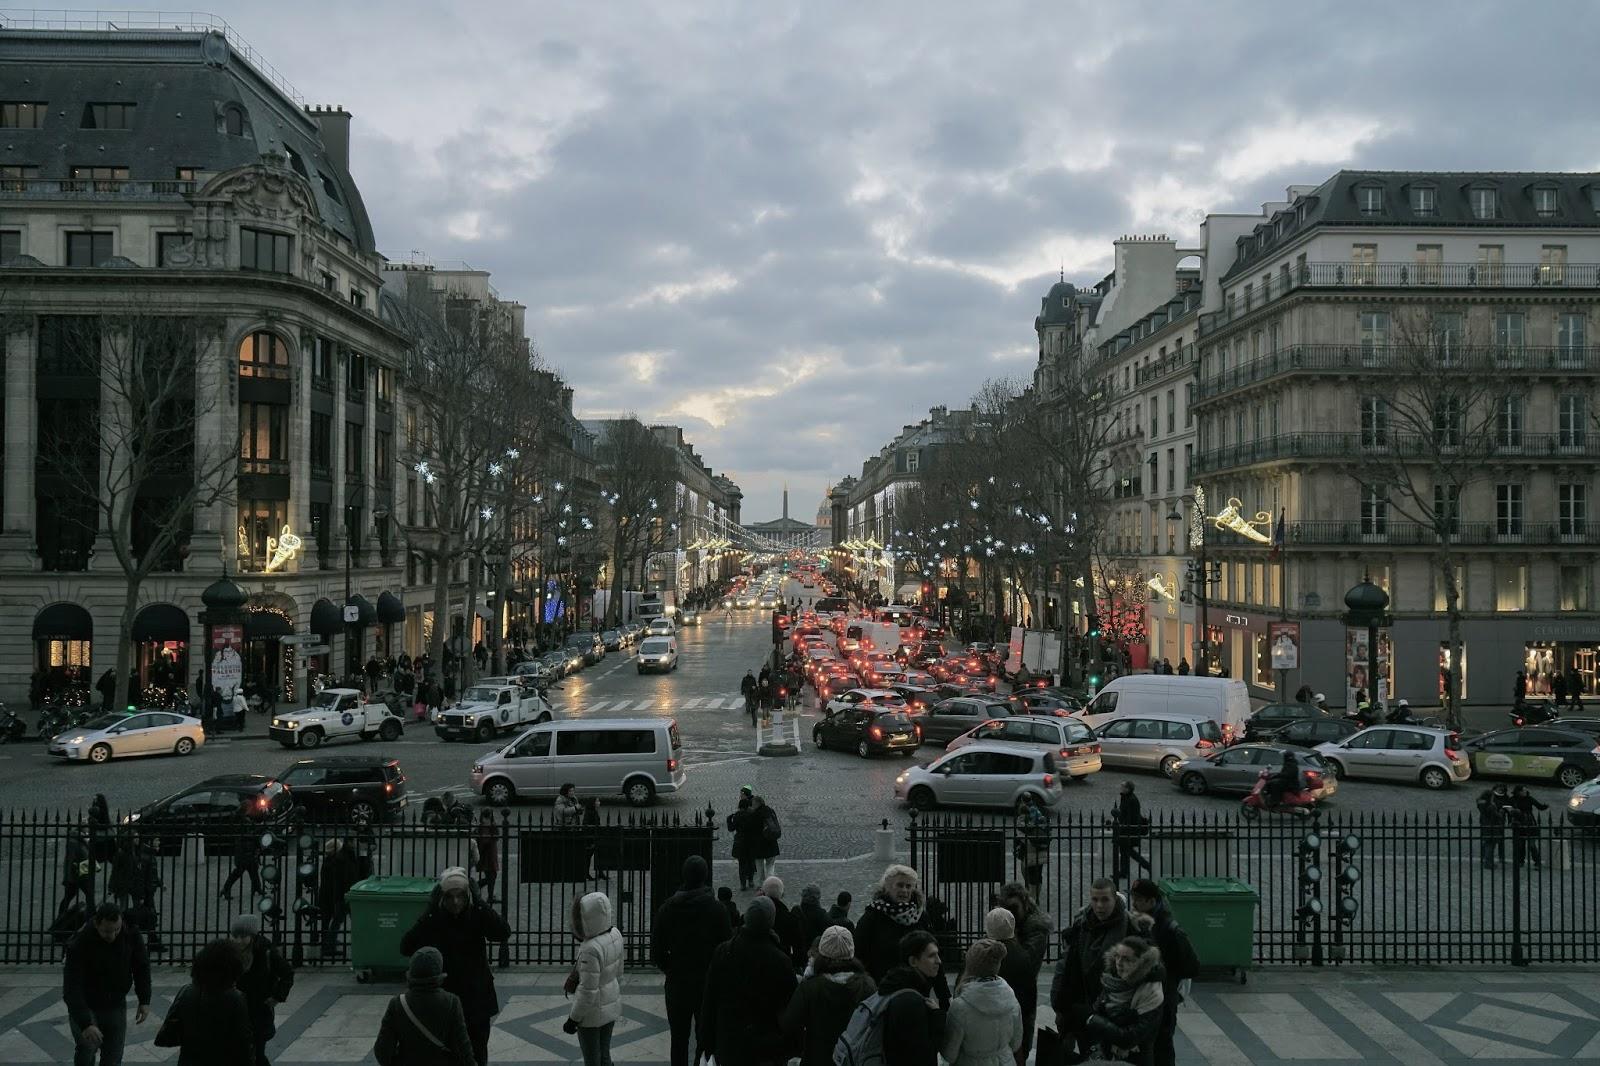 ロワイヤル通り(Rue Royale)